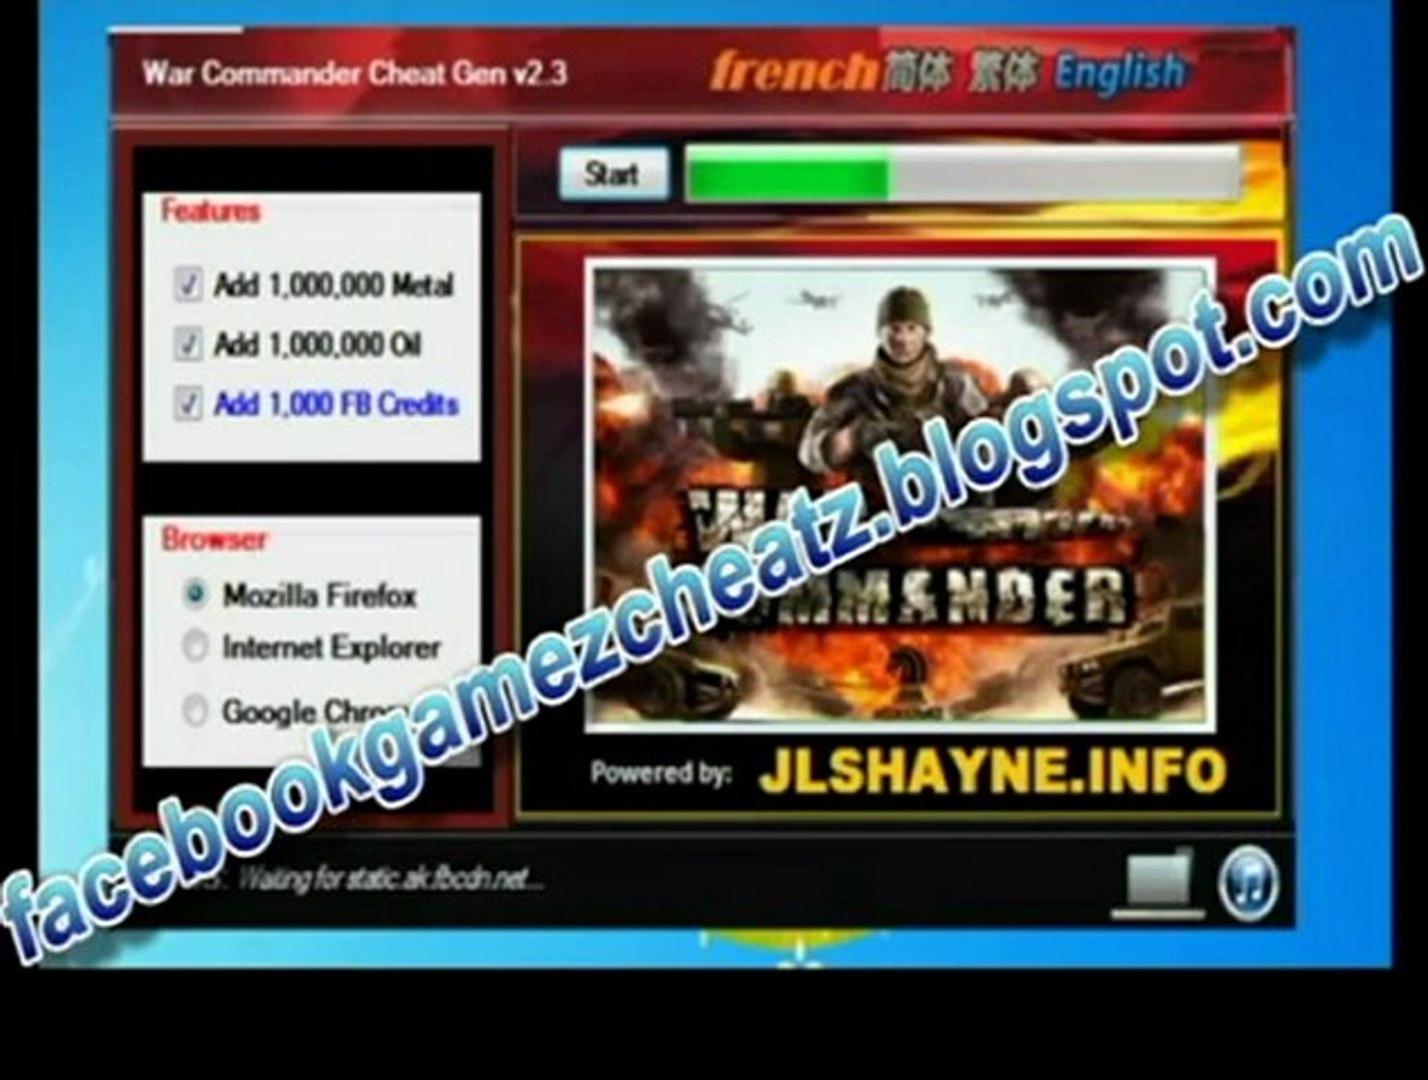 How to cheat war commander - War commander hack 2013